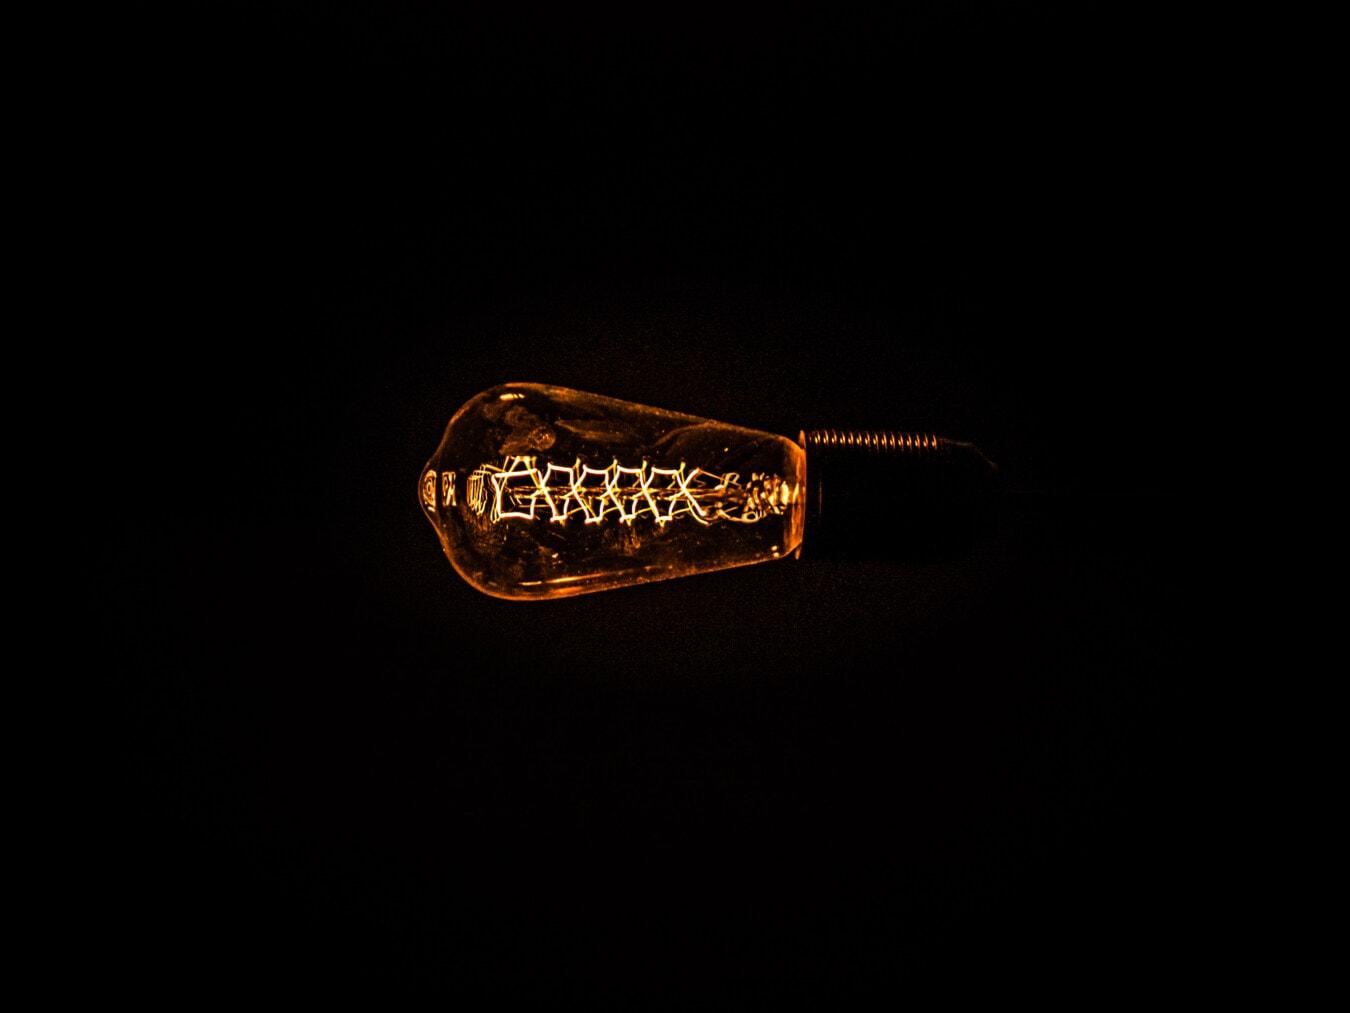 Fackel, Schatten, Filament, Glühbirne, Jahrgang, historische, Hintergrund, Schwarz, Reflexion, Dunkel